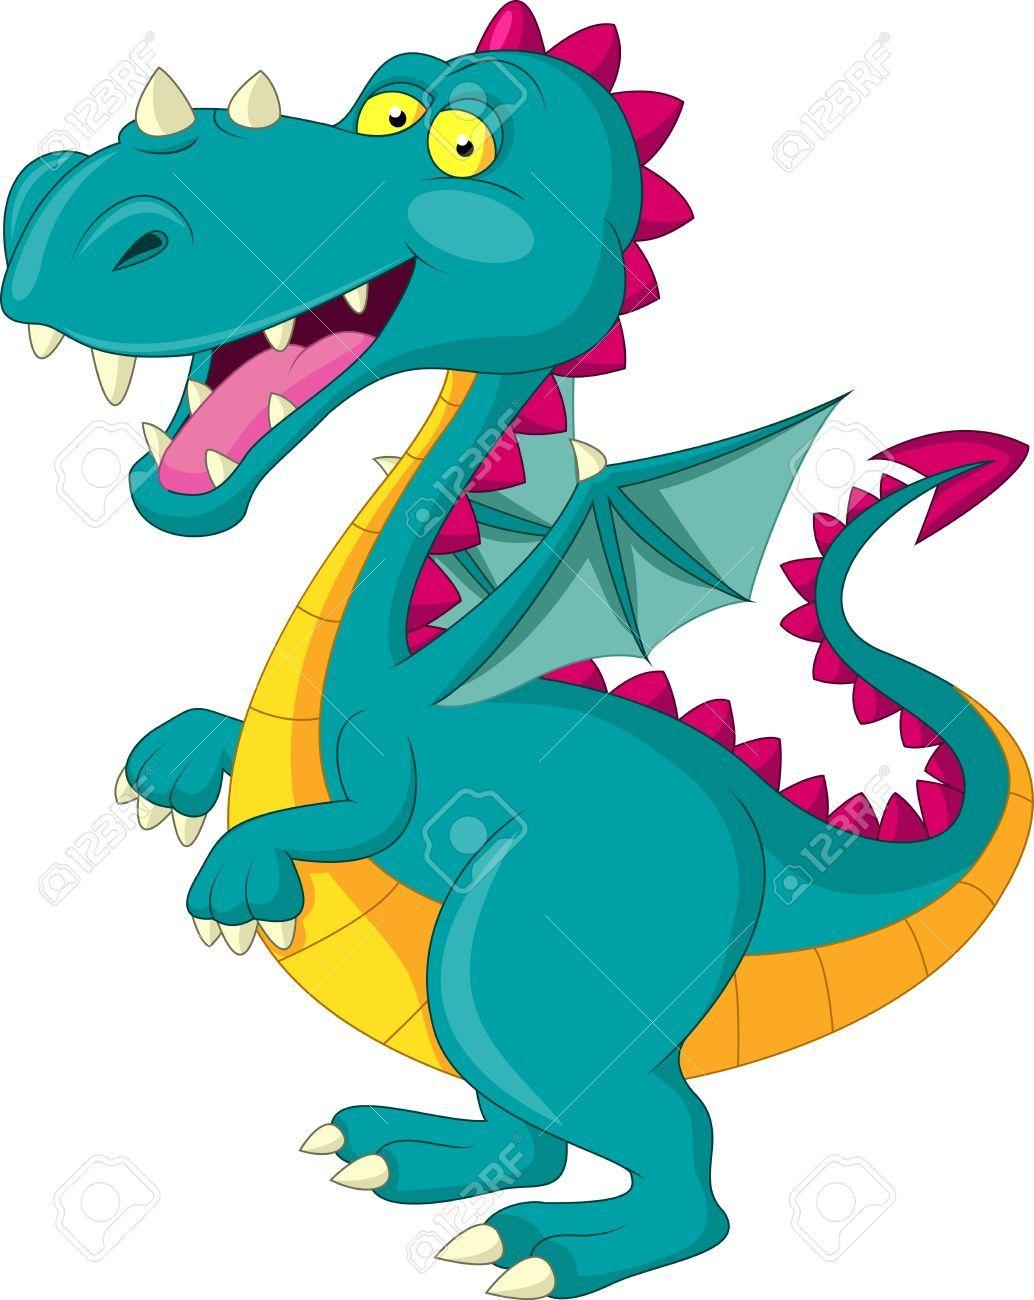 R sultats de recherche d 39 images pour dessin couleur - Dessin dragon couleur ...